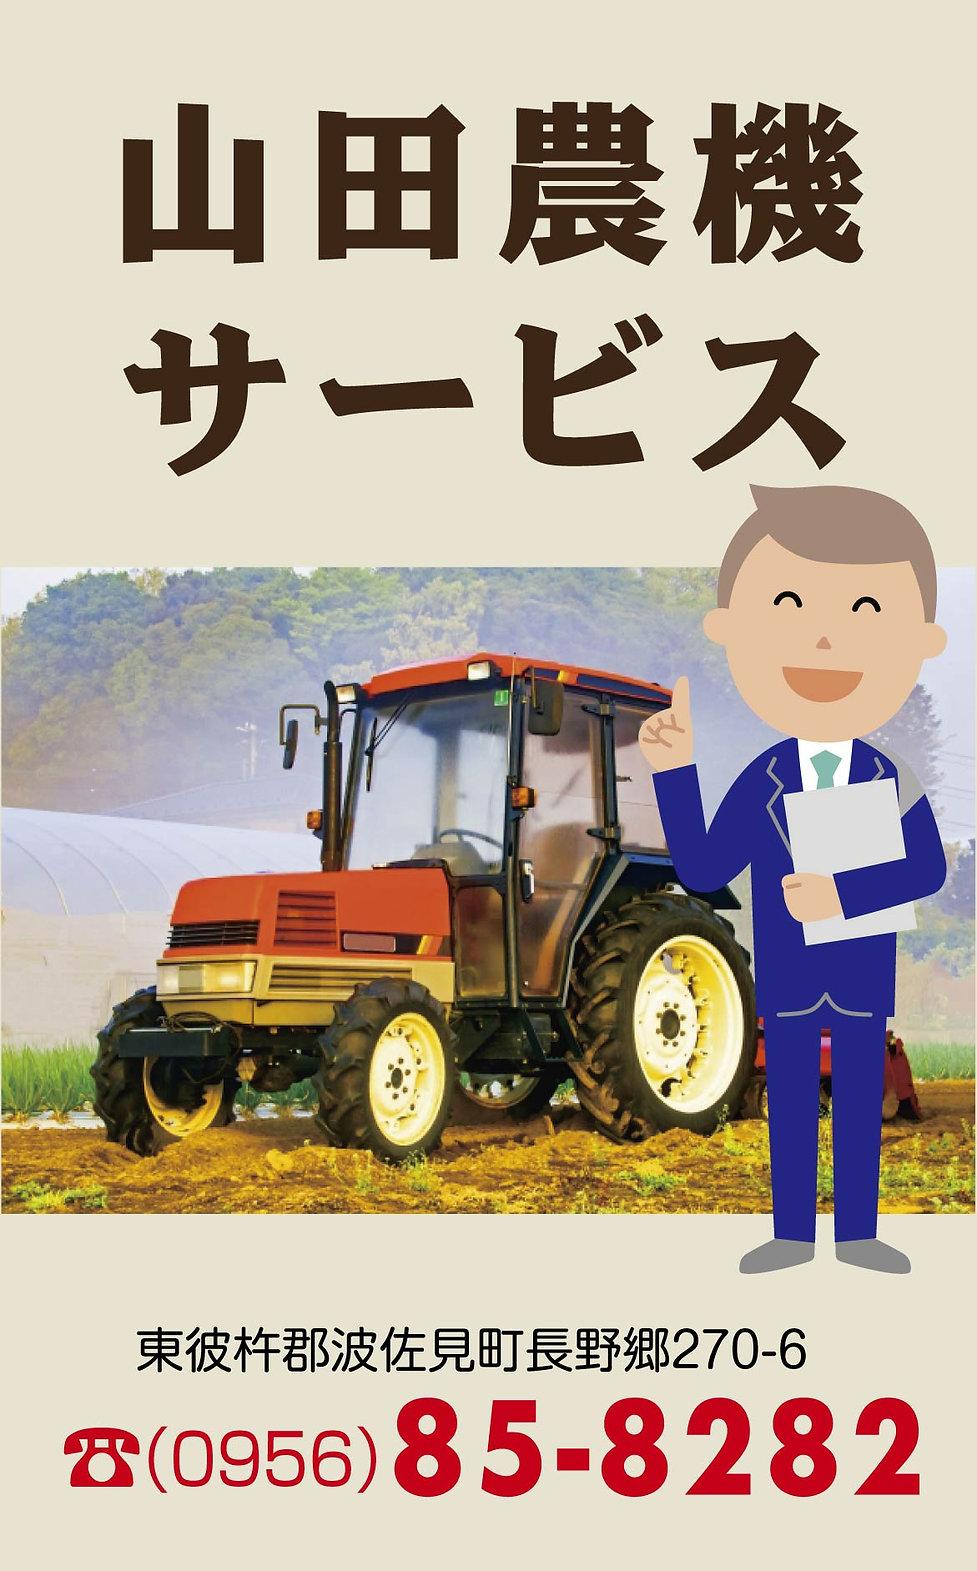 山田農機.jpg